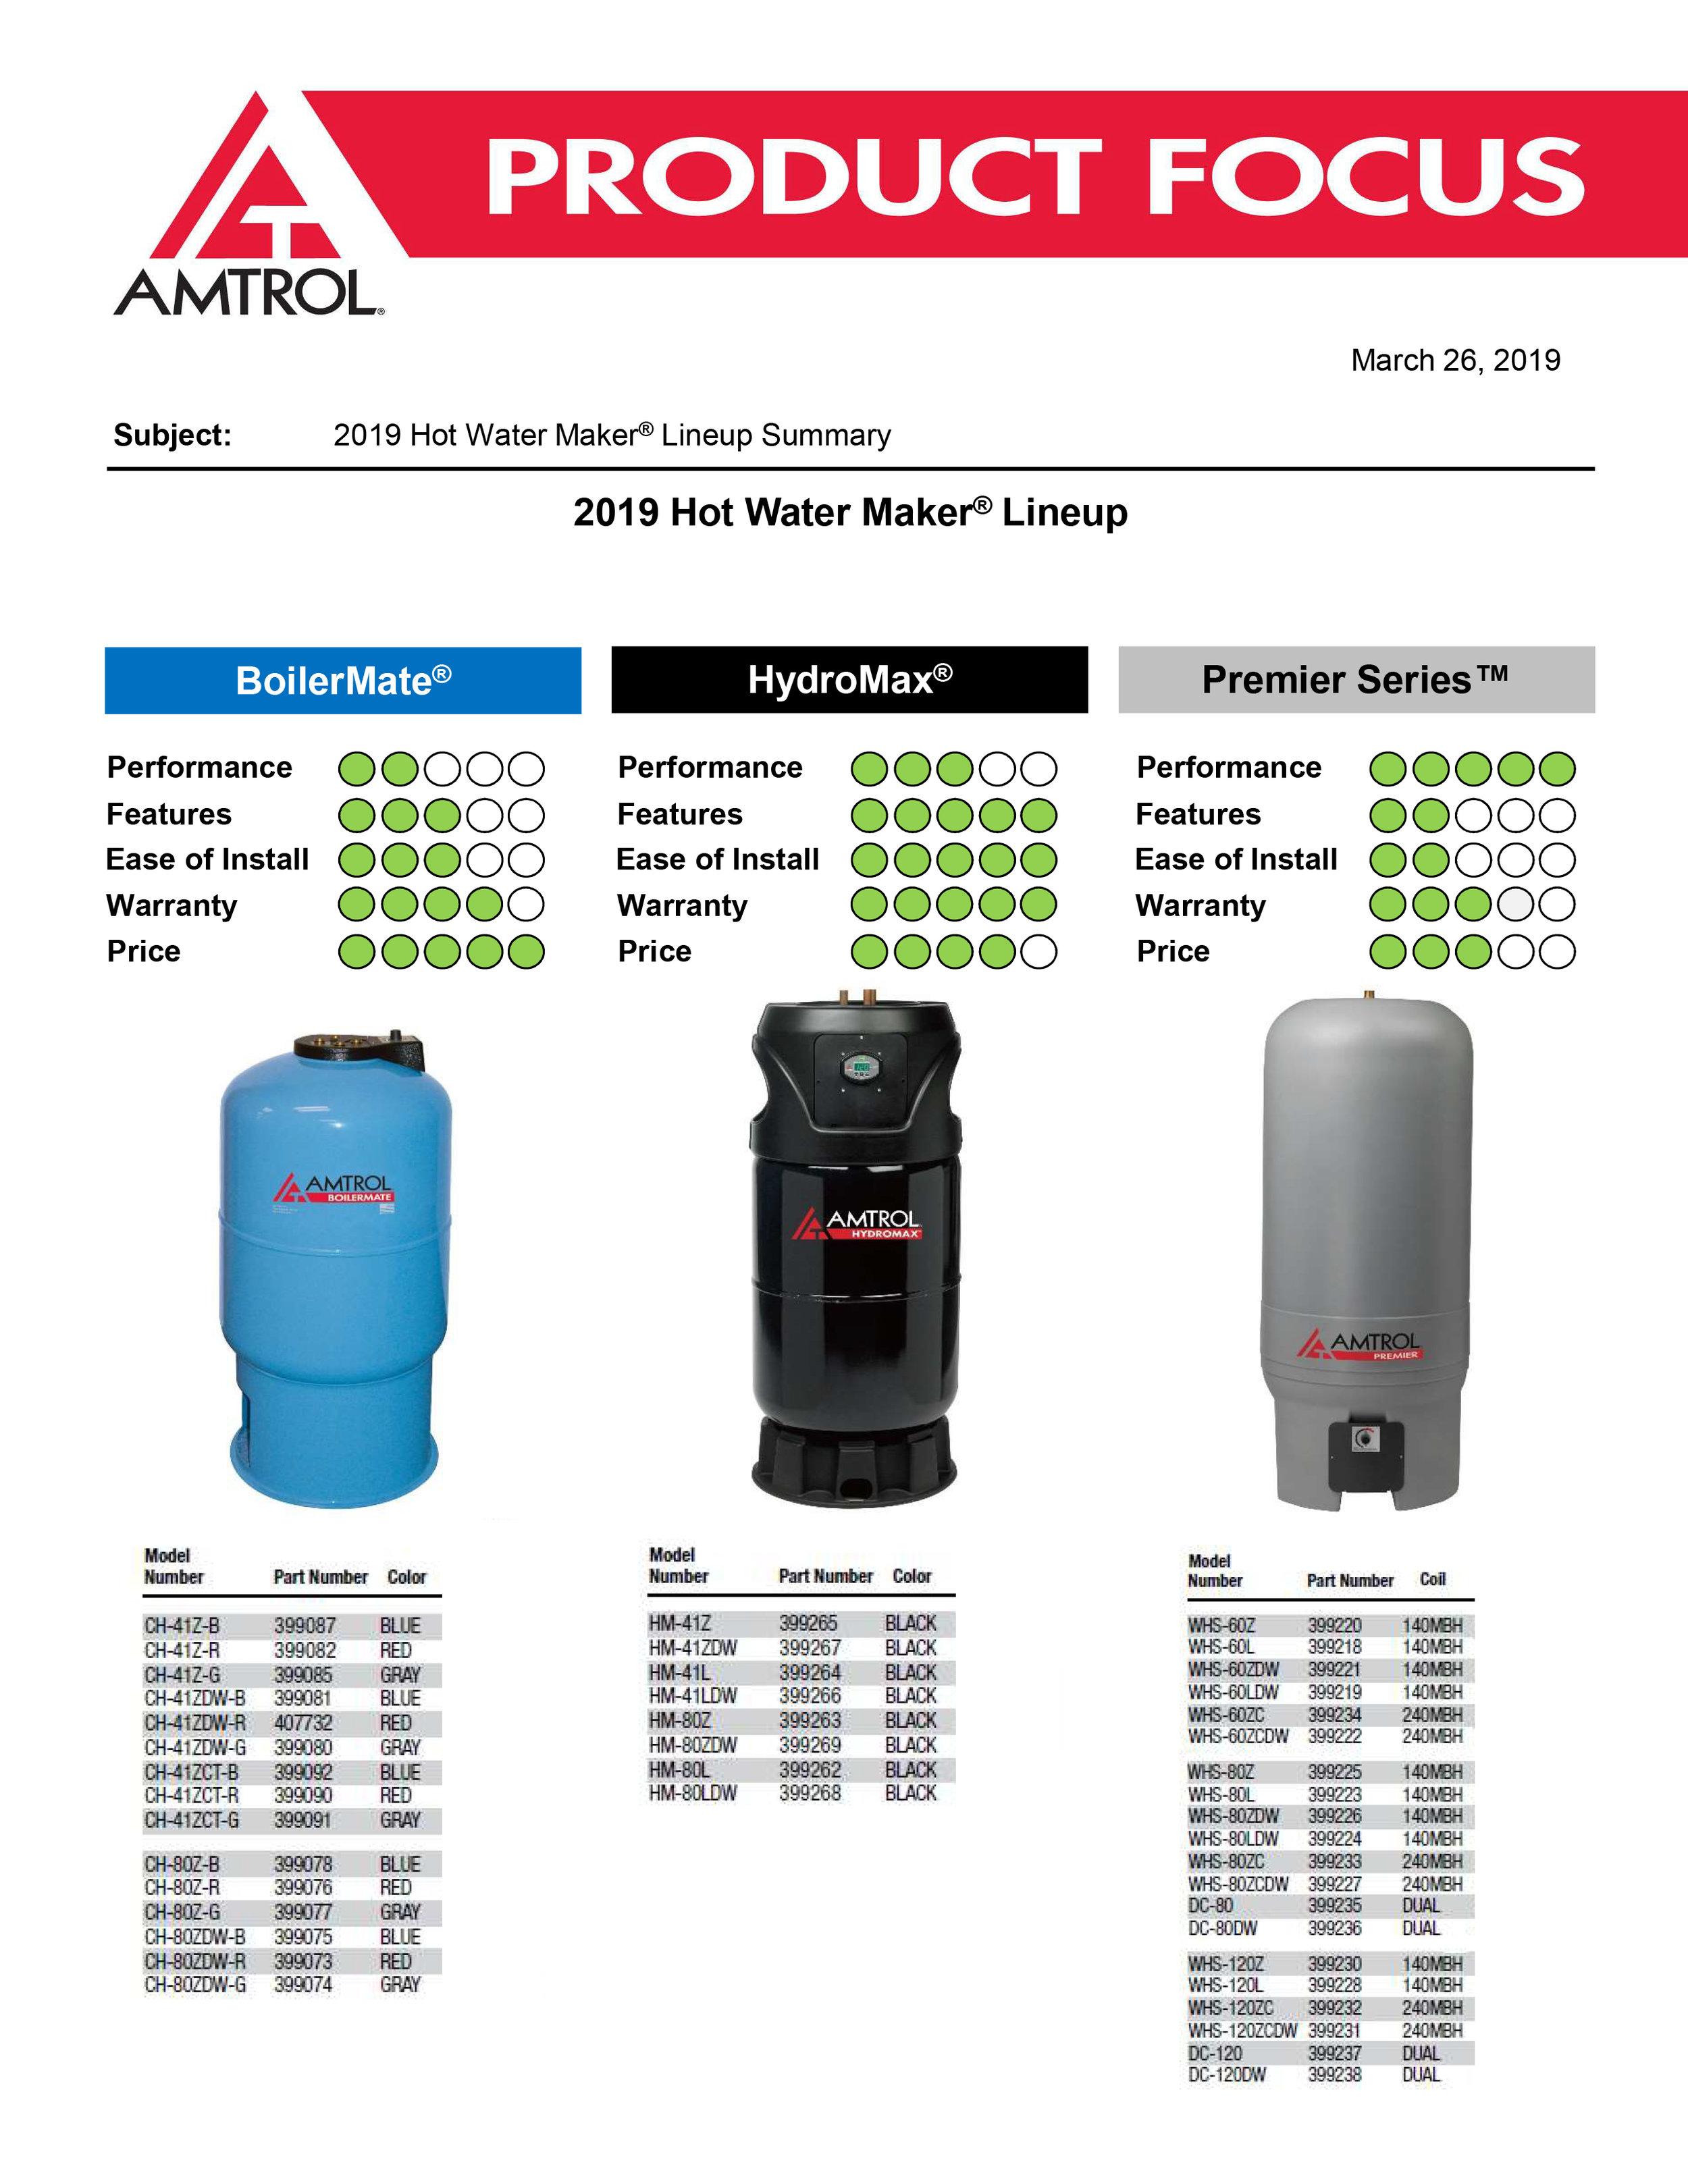 Amtrol Hot Water Maker : amtrol, water, maker, Amtrol, Water, Maker, Lineup, Industrial, Group